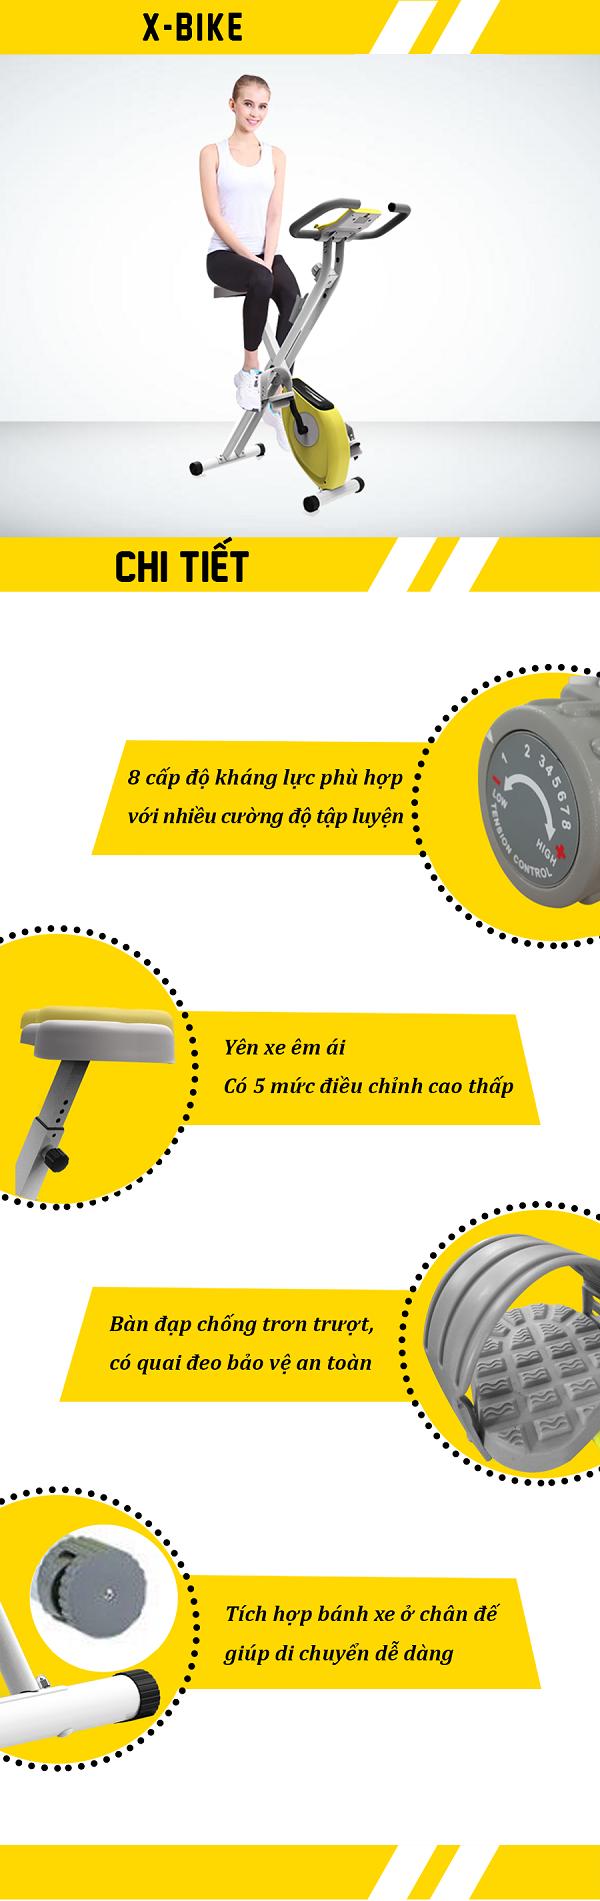 chi tiết xe đạp tập x-bike